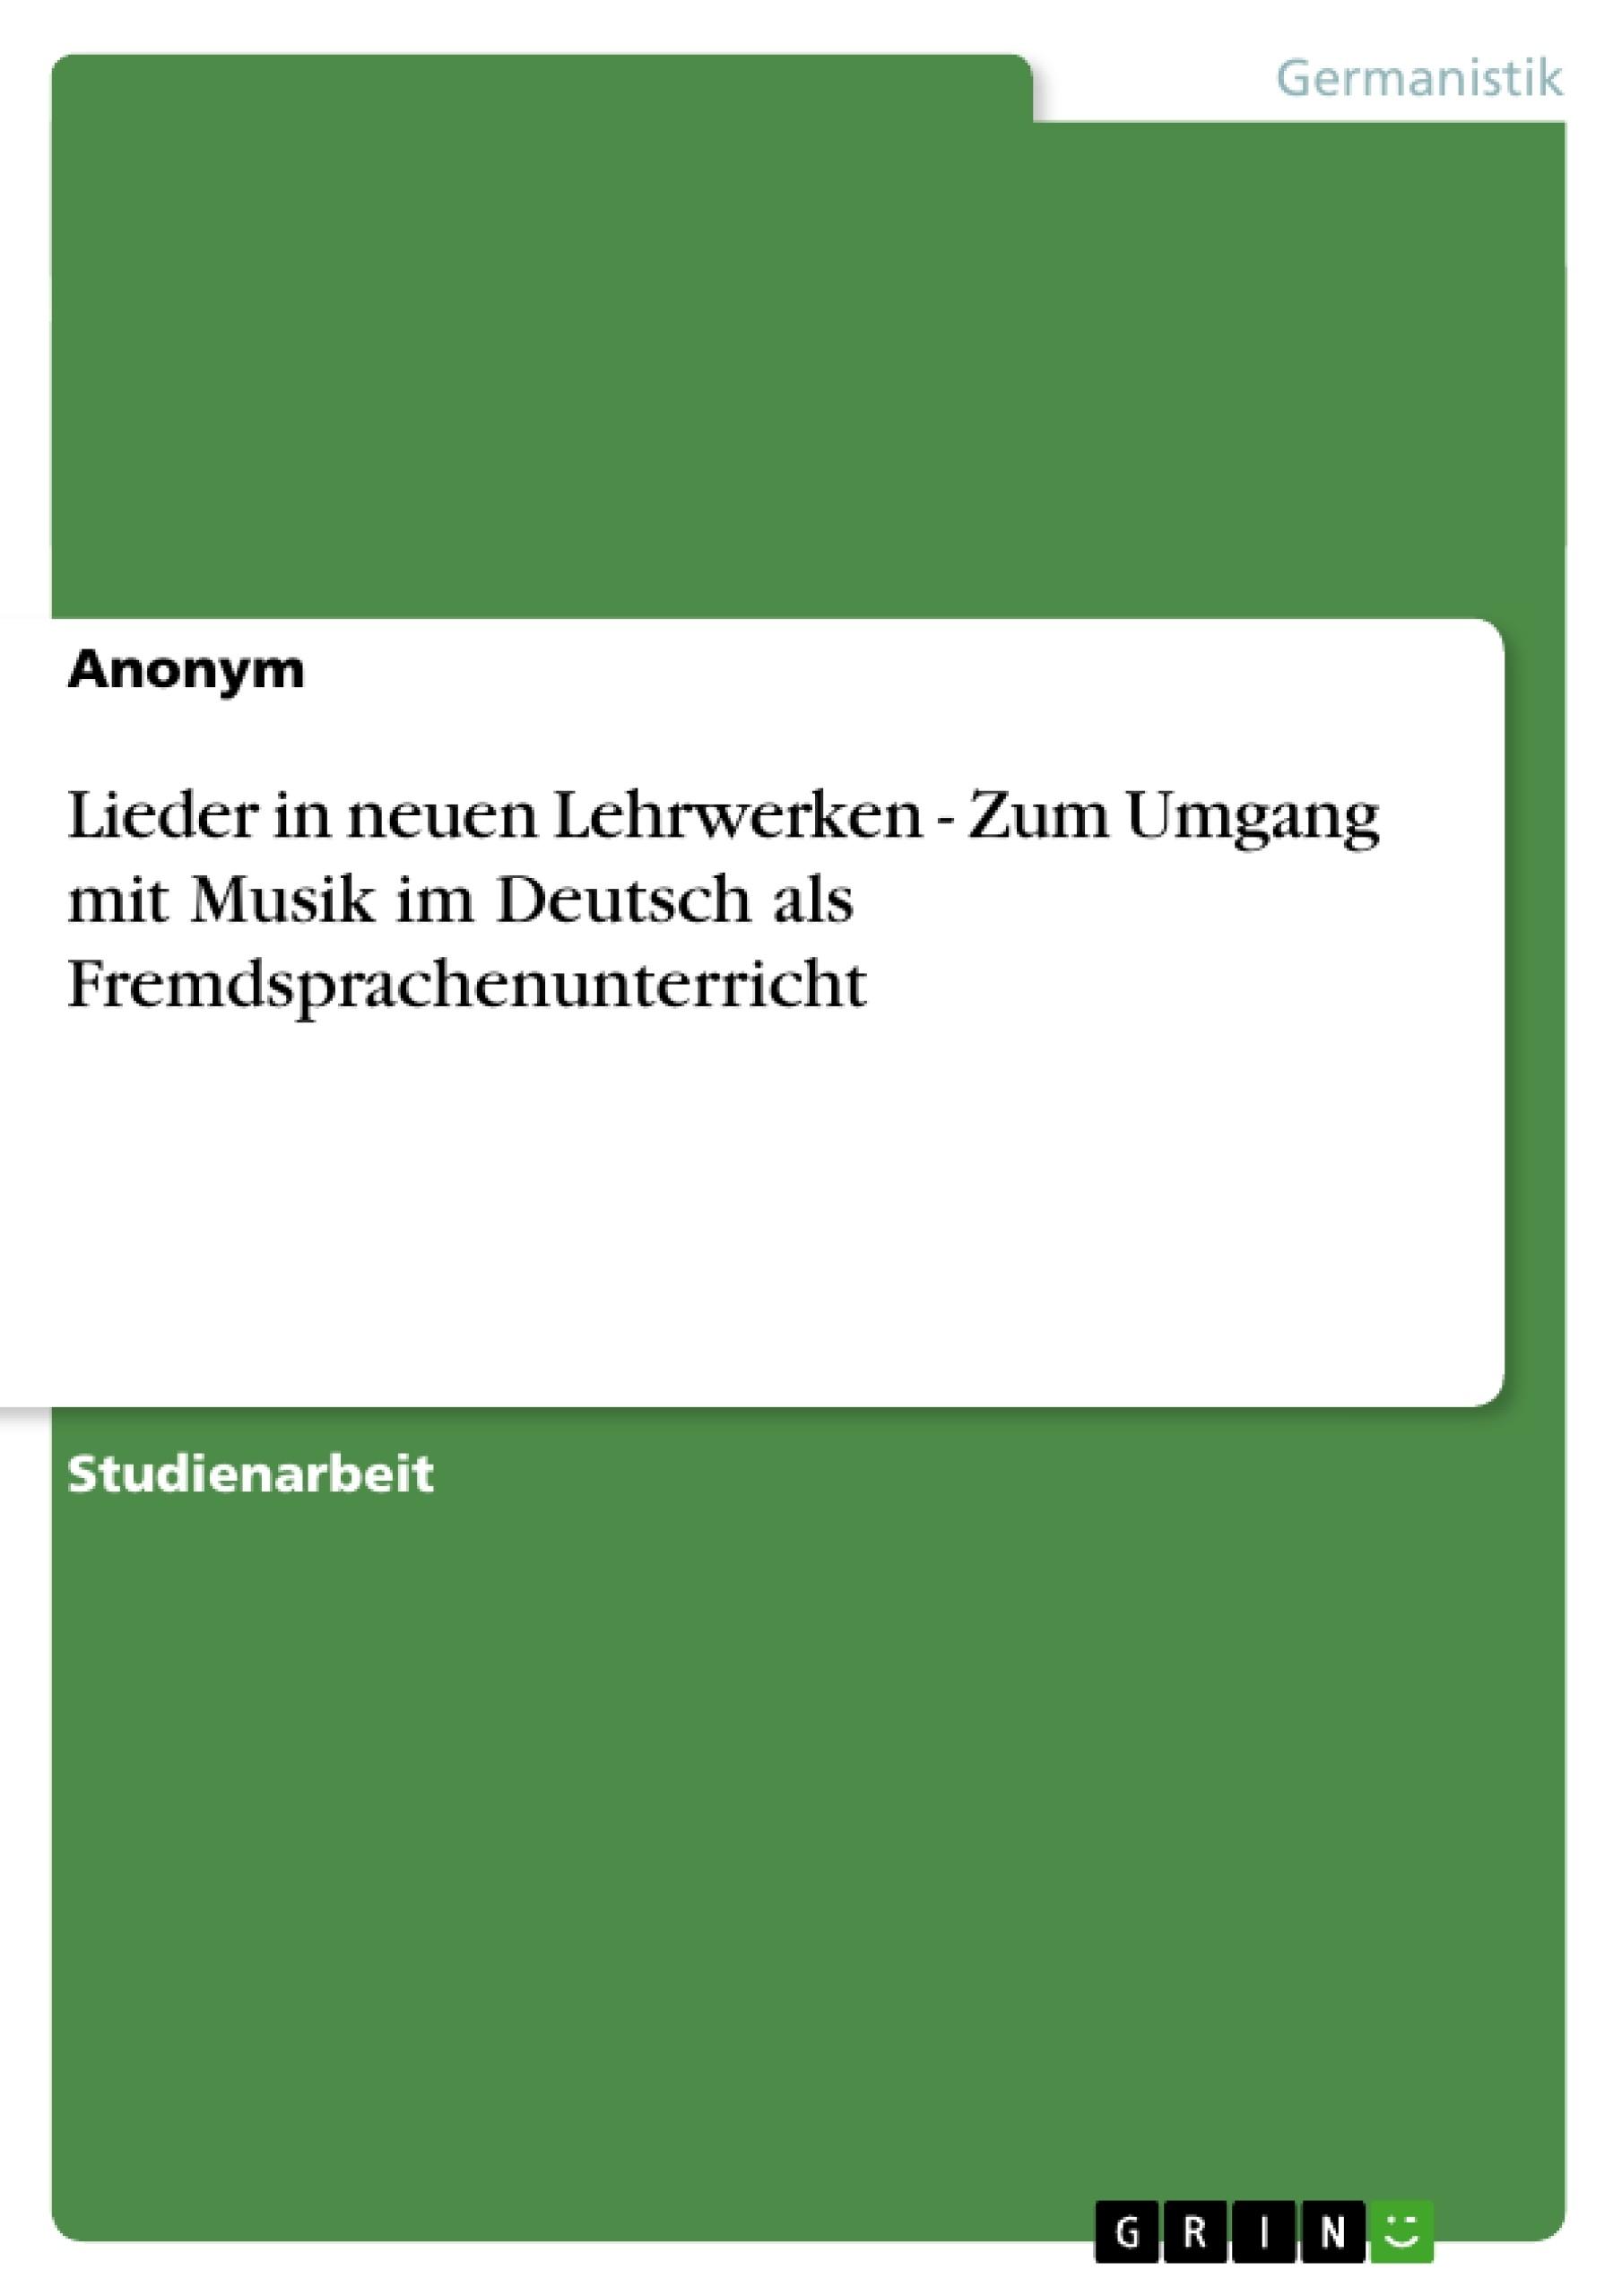 Titel: Lieder in neuen Lehrwerken - Zum Umgang mit Musik im Deutsch als Fremdsprachenunterricht